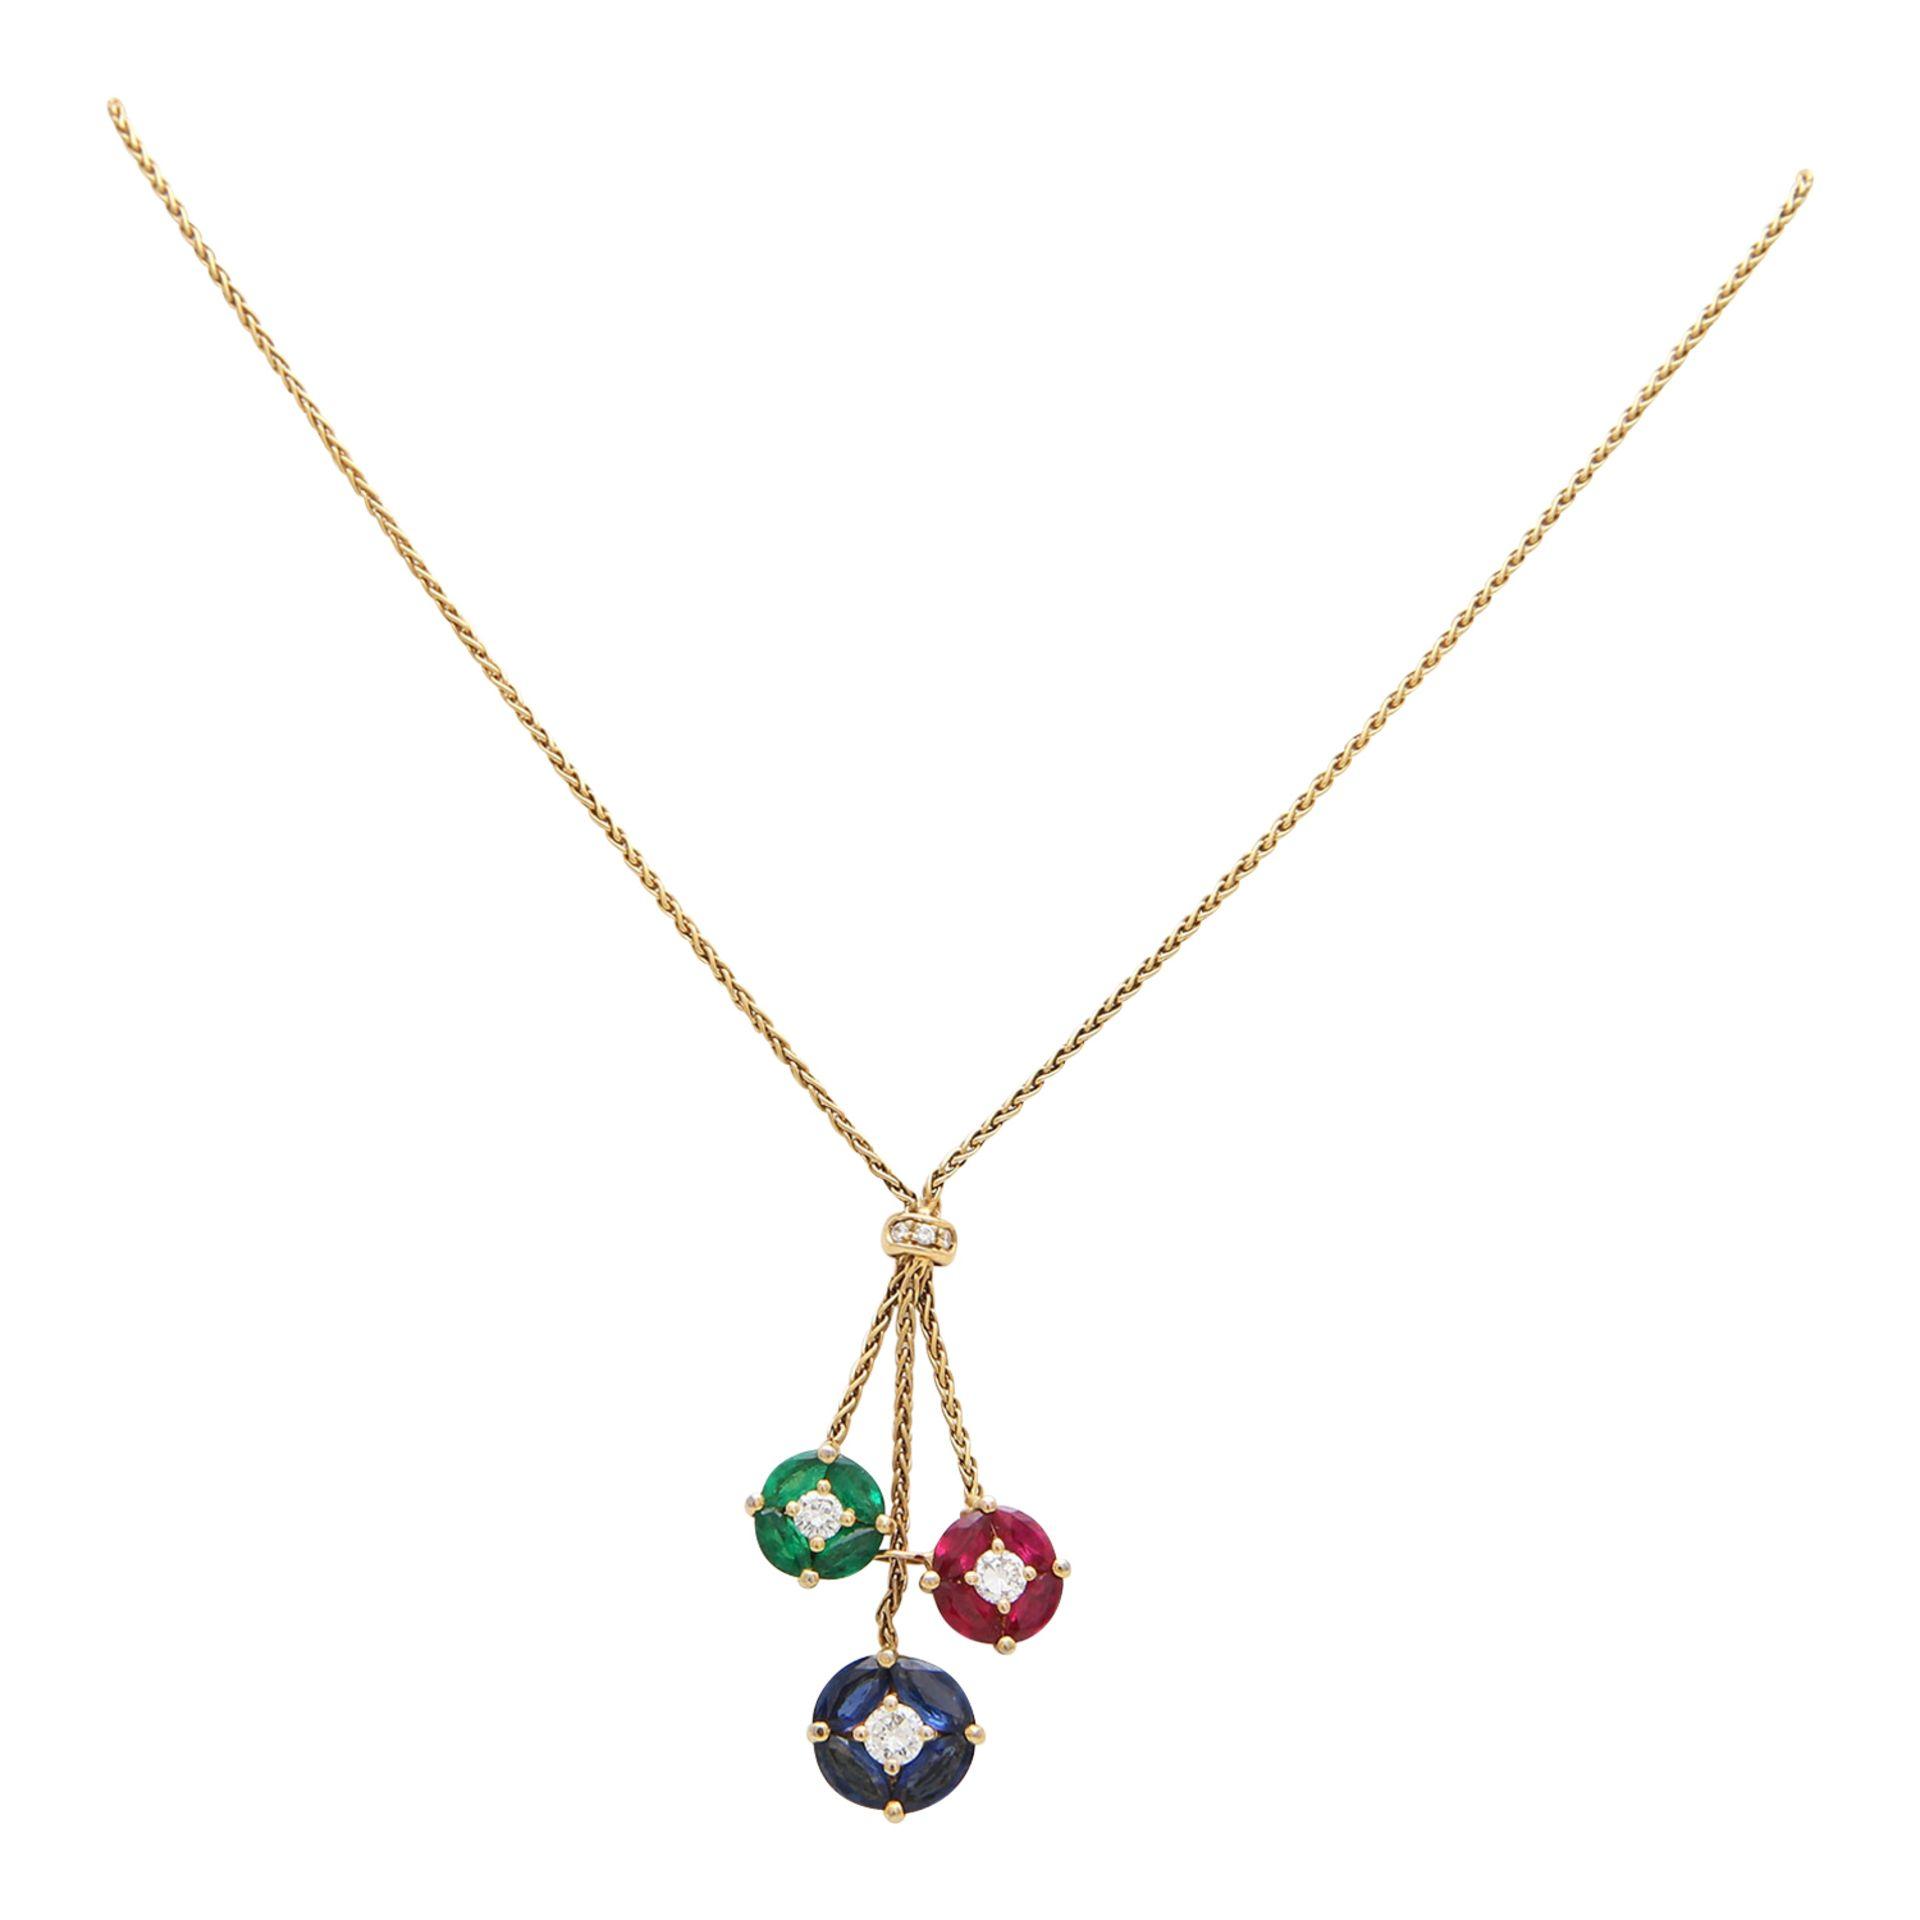 Los 46 - Zopfkette mit 3 Abhängungen aus runden Elementen, besetzt mit 3 Brillanten zus. ca. 0,50 ct WEIß (H)